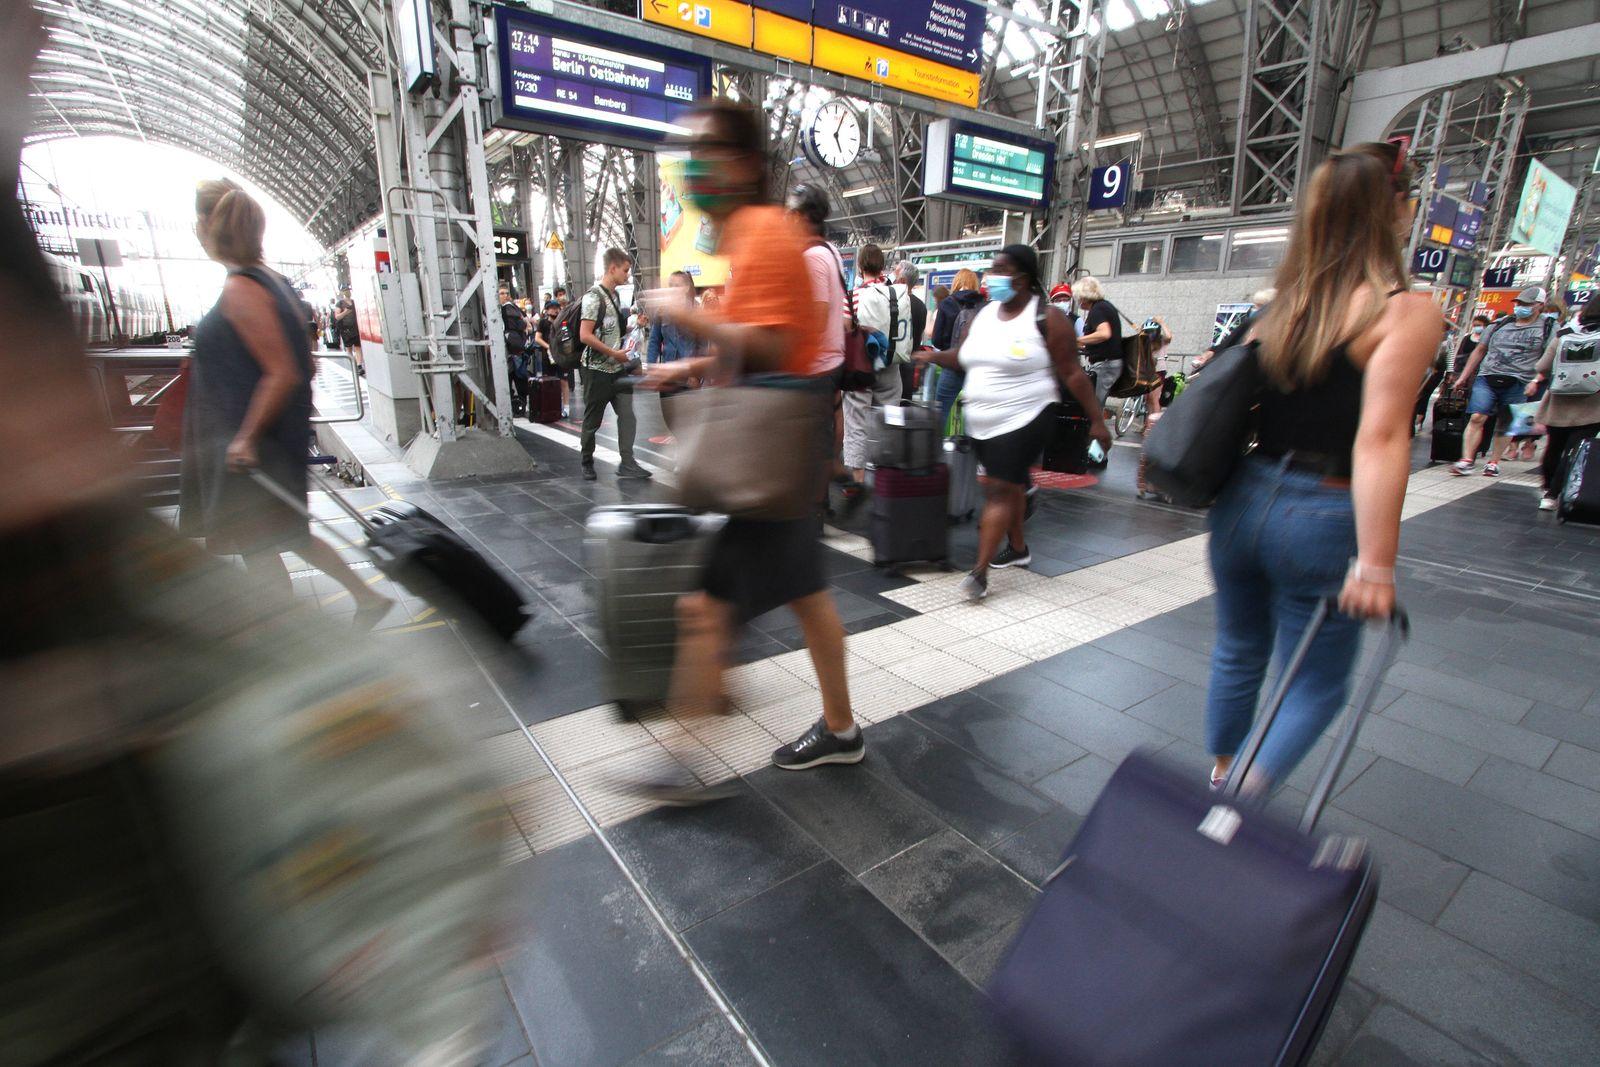 Nach den Lockerungsmaßnahmen und den aufgehobenen Reisebeschränkungen während der Coronaviruskrise nutzen wieder wesent